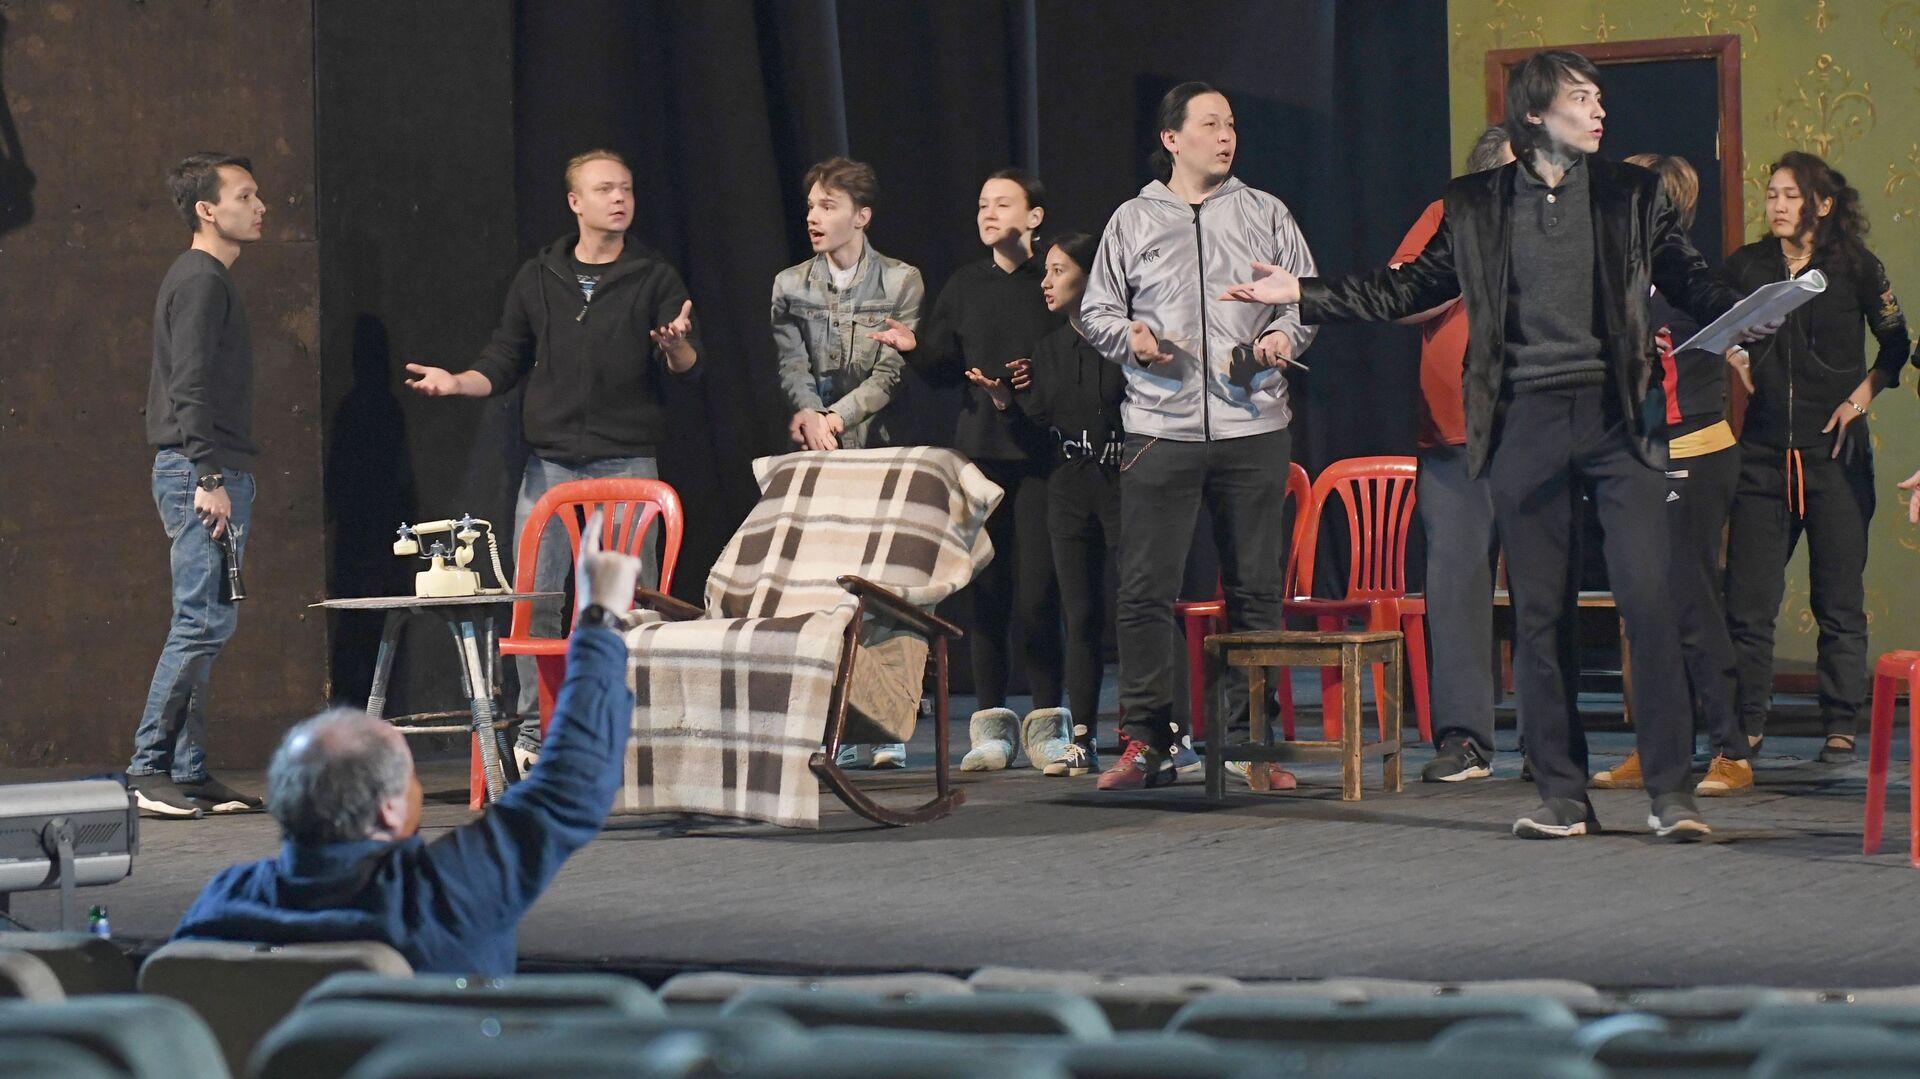 Репетиция спектакля Леди на день в Молодежном театре Узбекистана - Sputnik Узбекистан, 1920, 10.03.2021